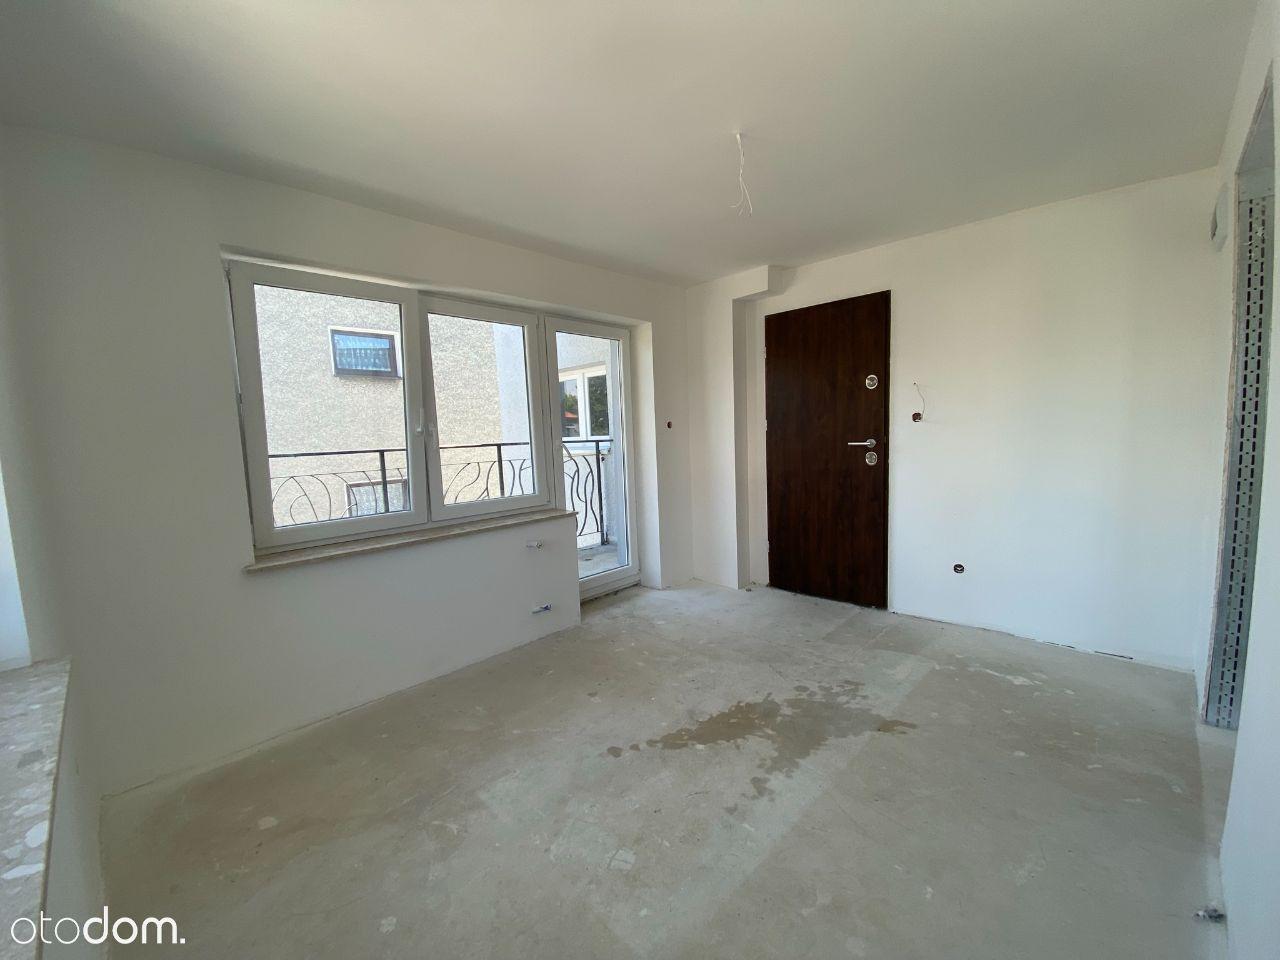 Mieszkanie 2 pokoje +balkon |Podgórze| Właściciel